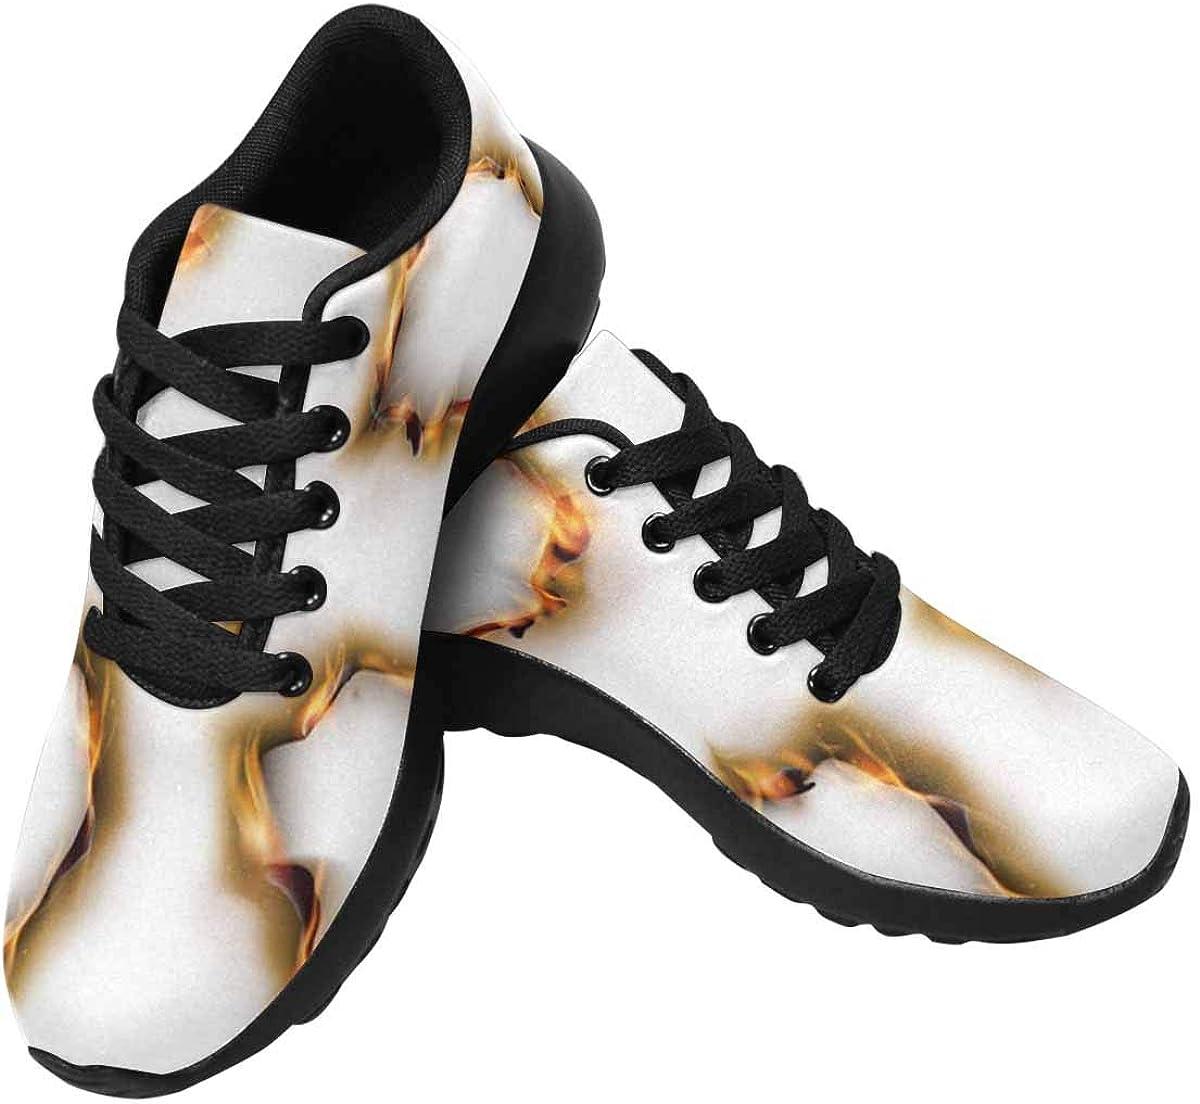 大人気! InterestPrint Women's Running Shoes Non-Slip Breatha 特価 Lightweight